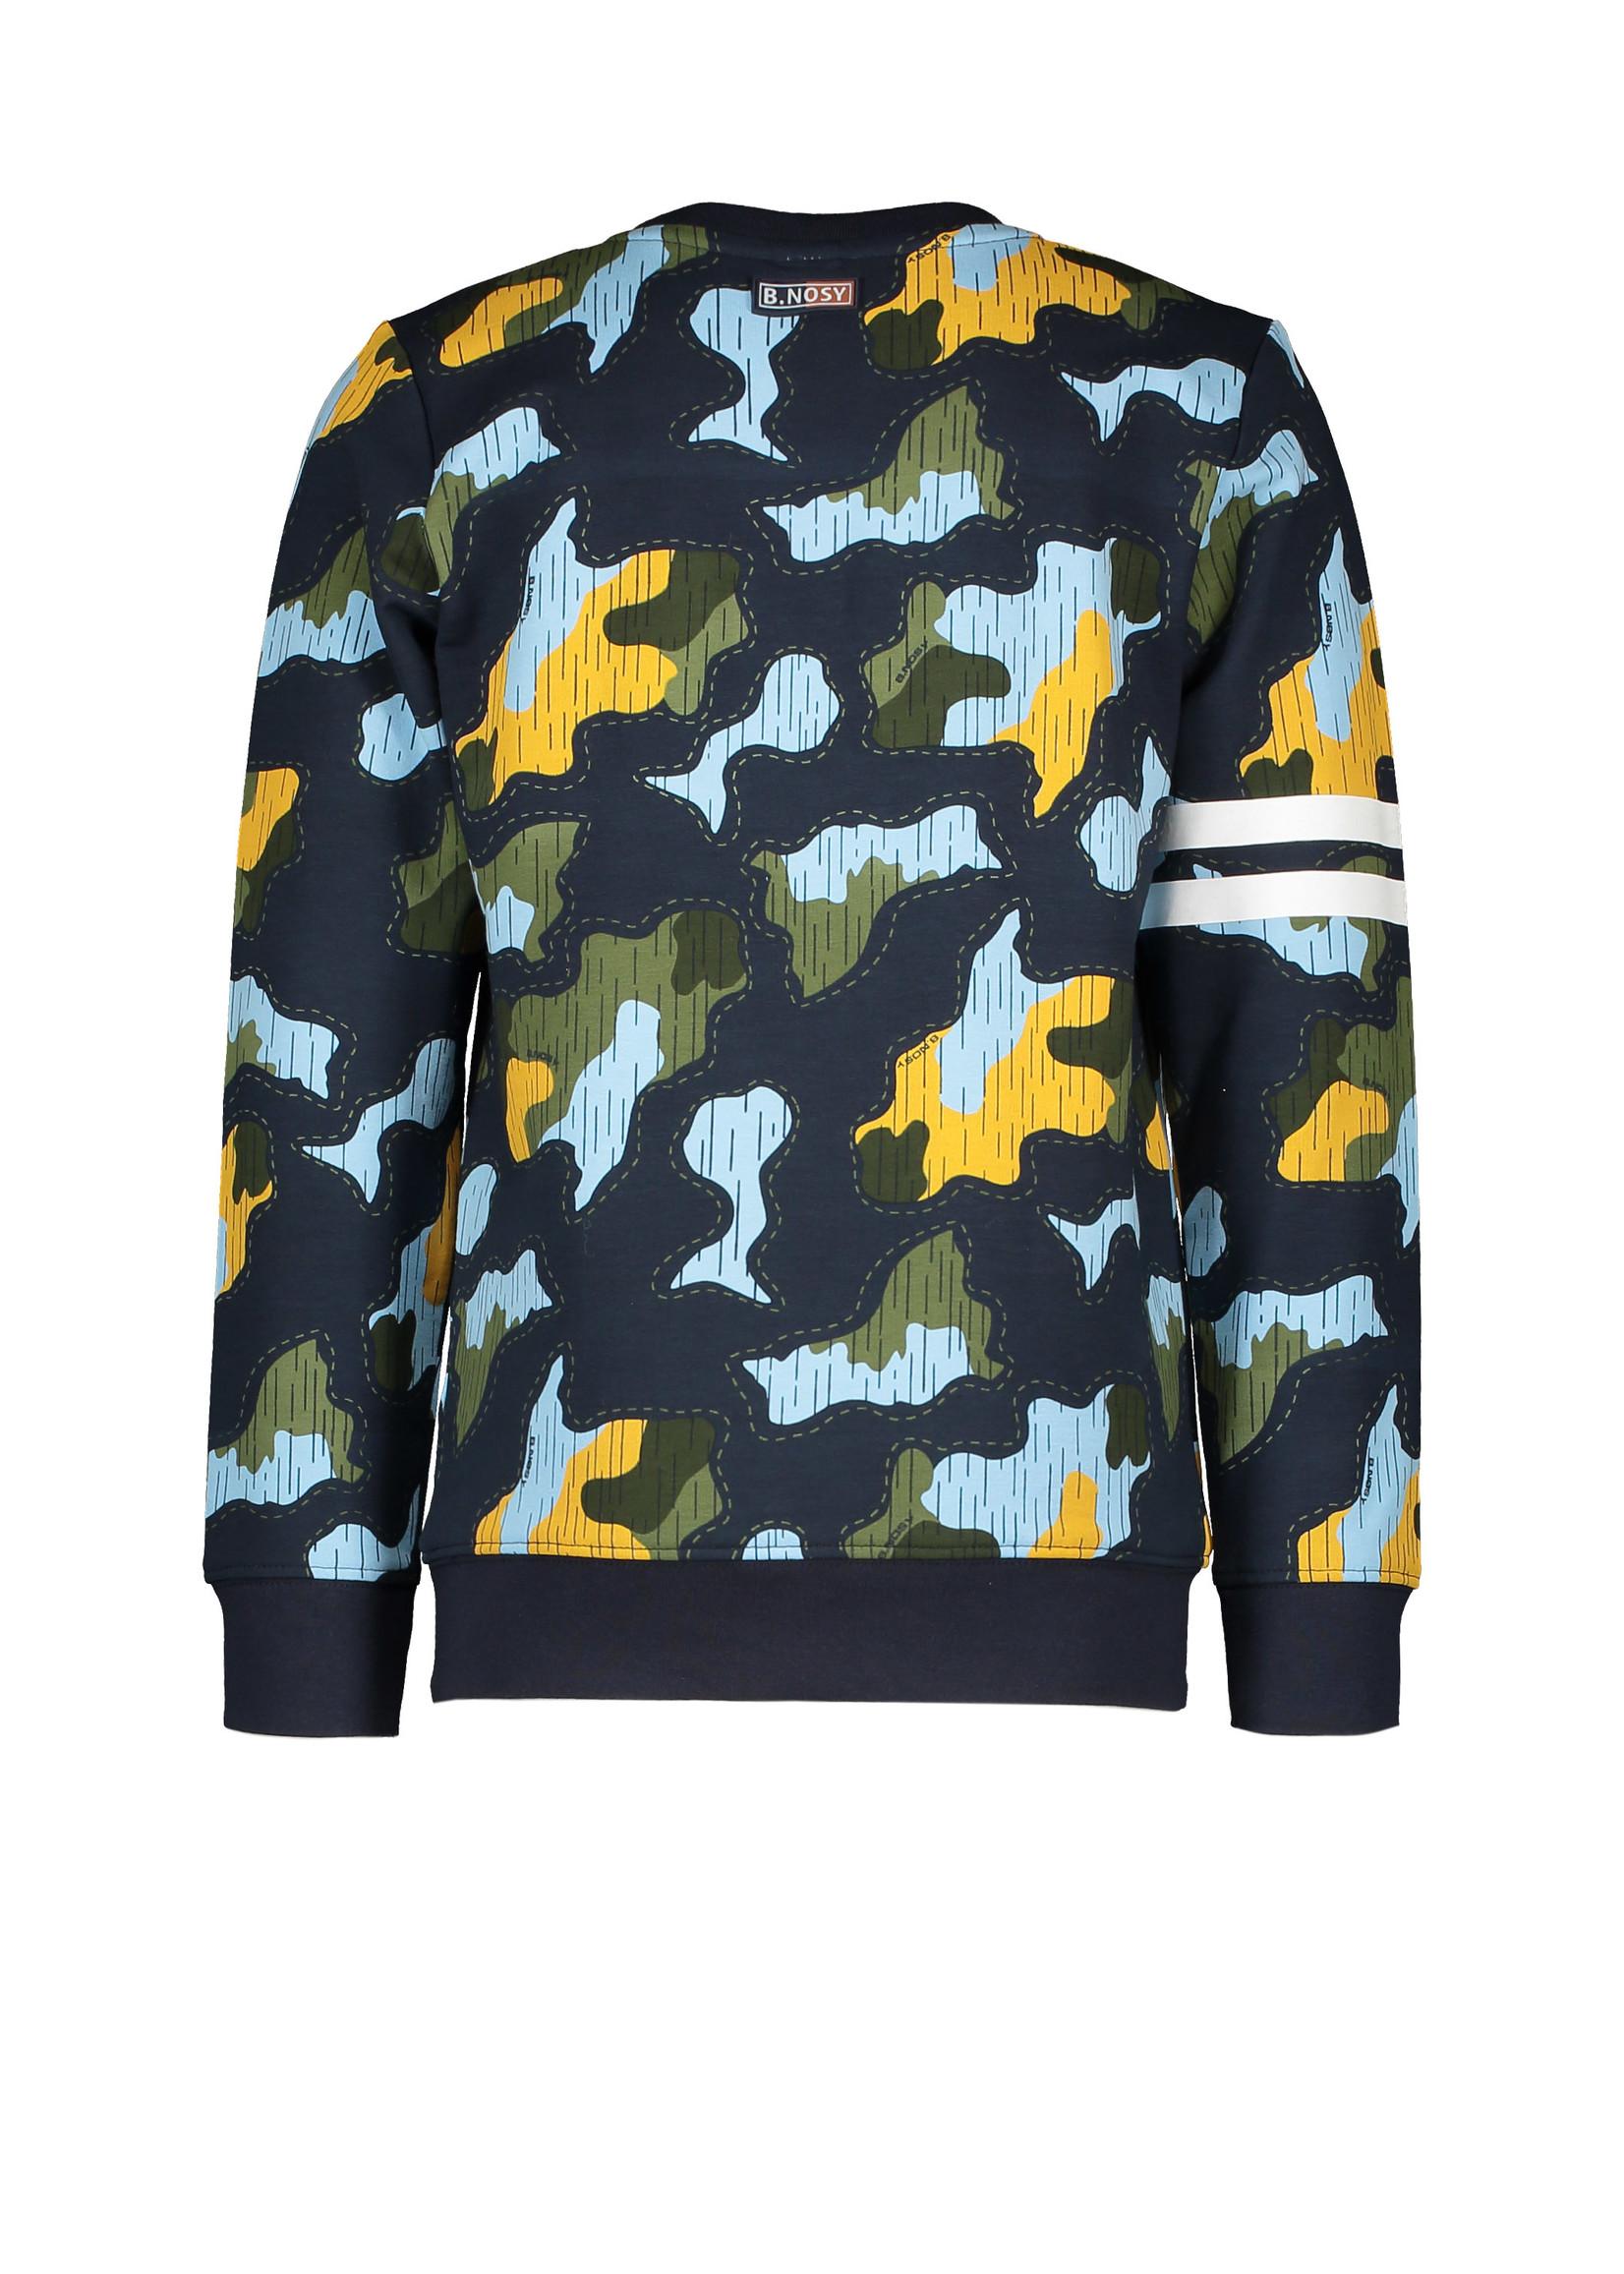 B.nosy Sweater Undercover Camo